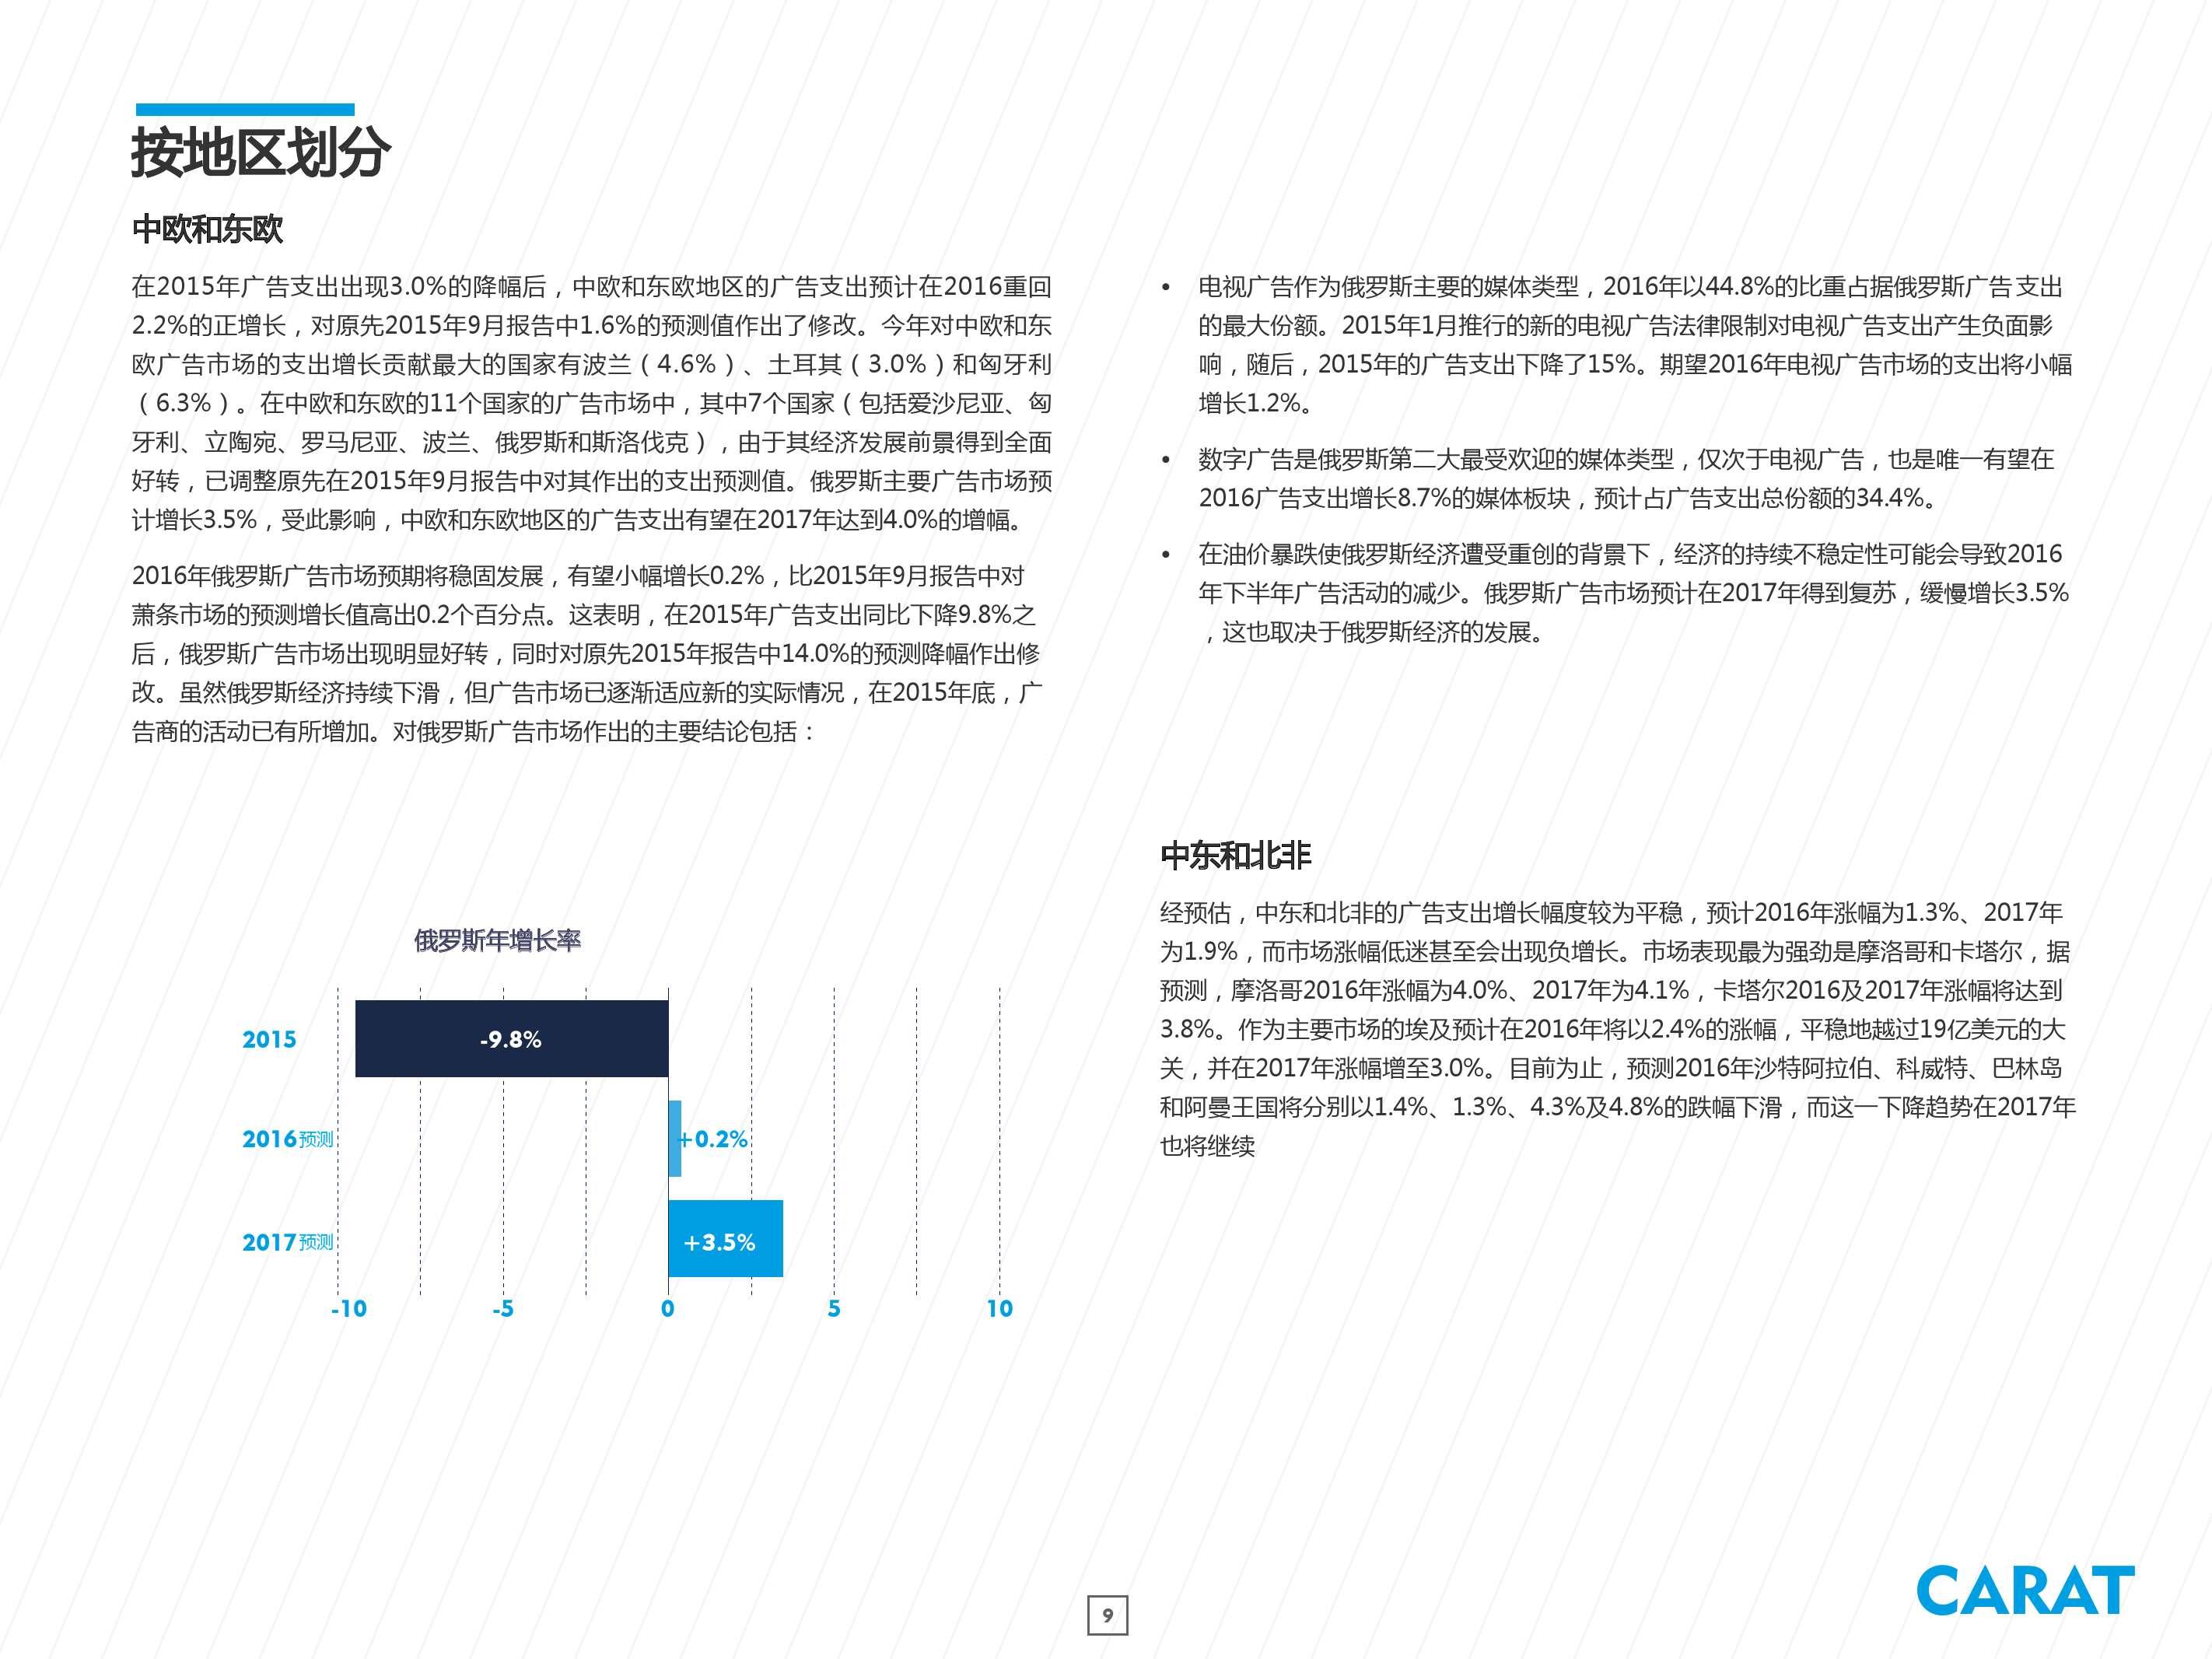 2016年全球数字广告支出预测_000009